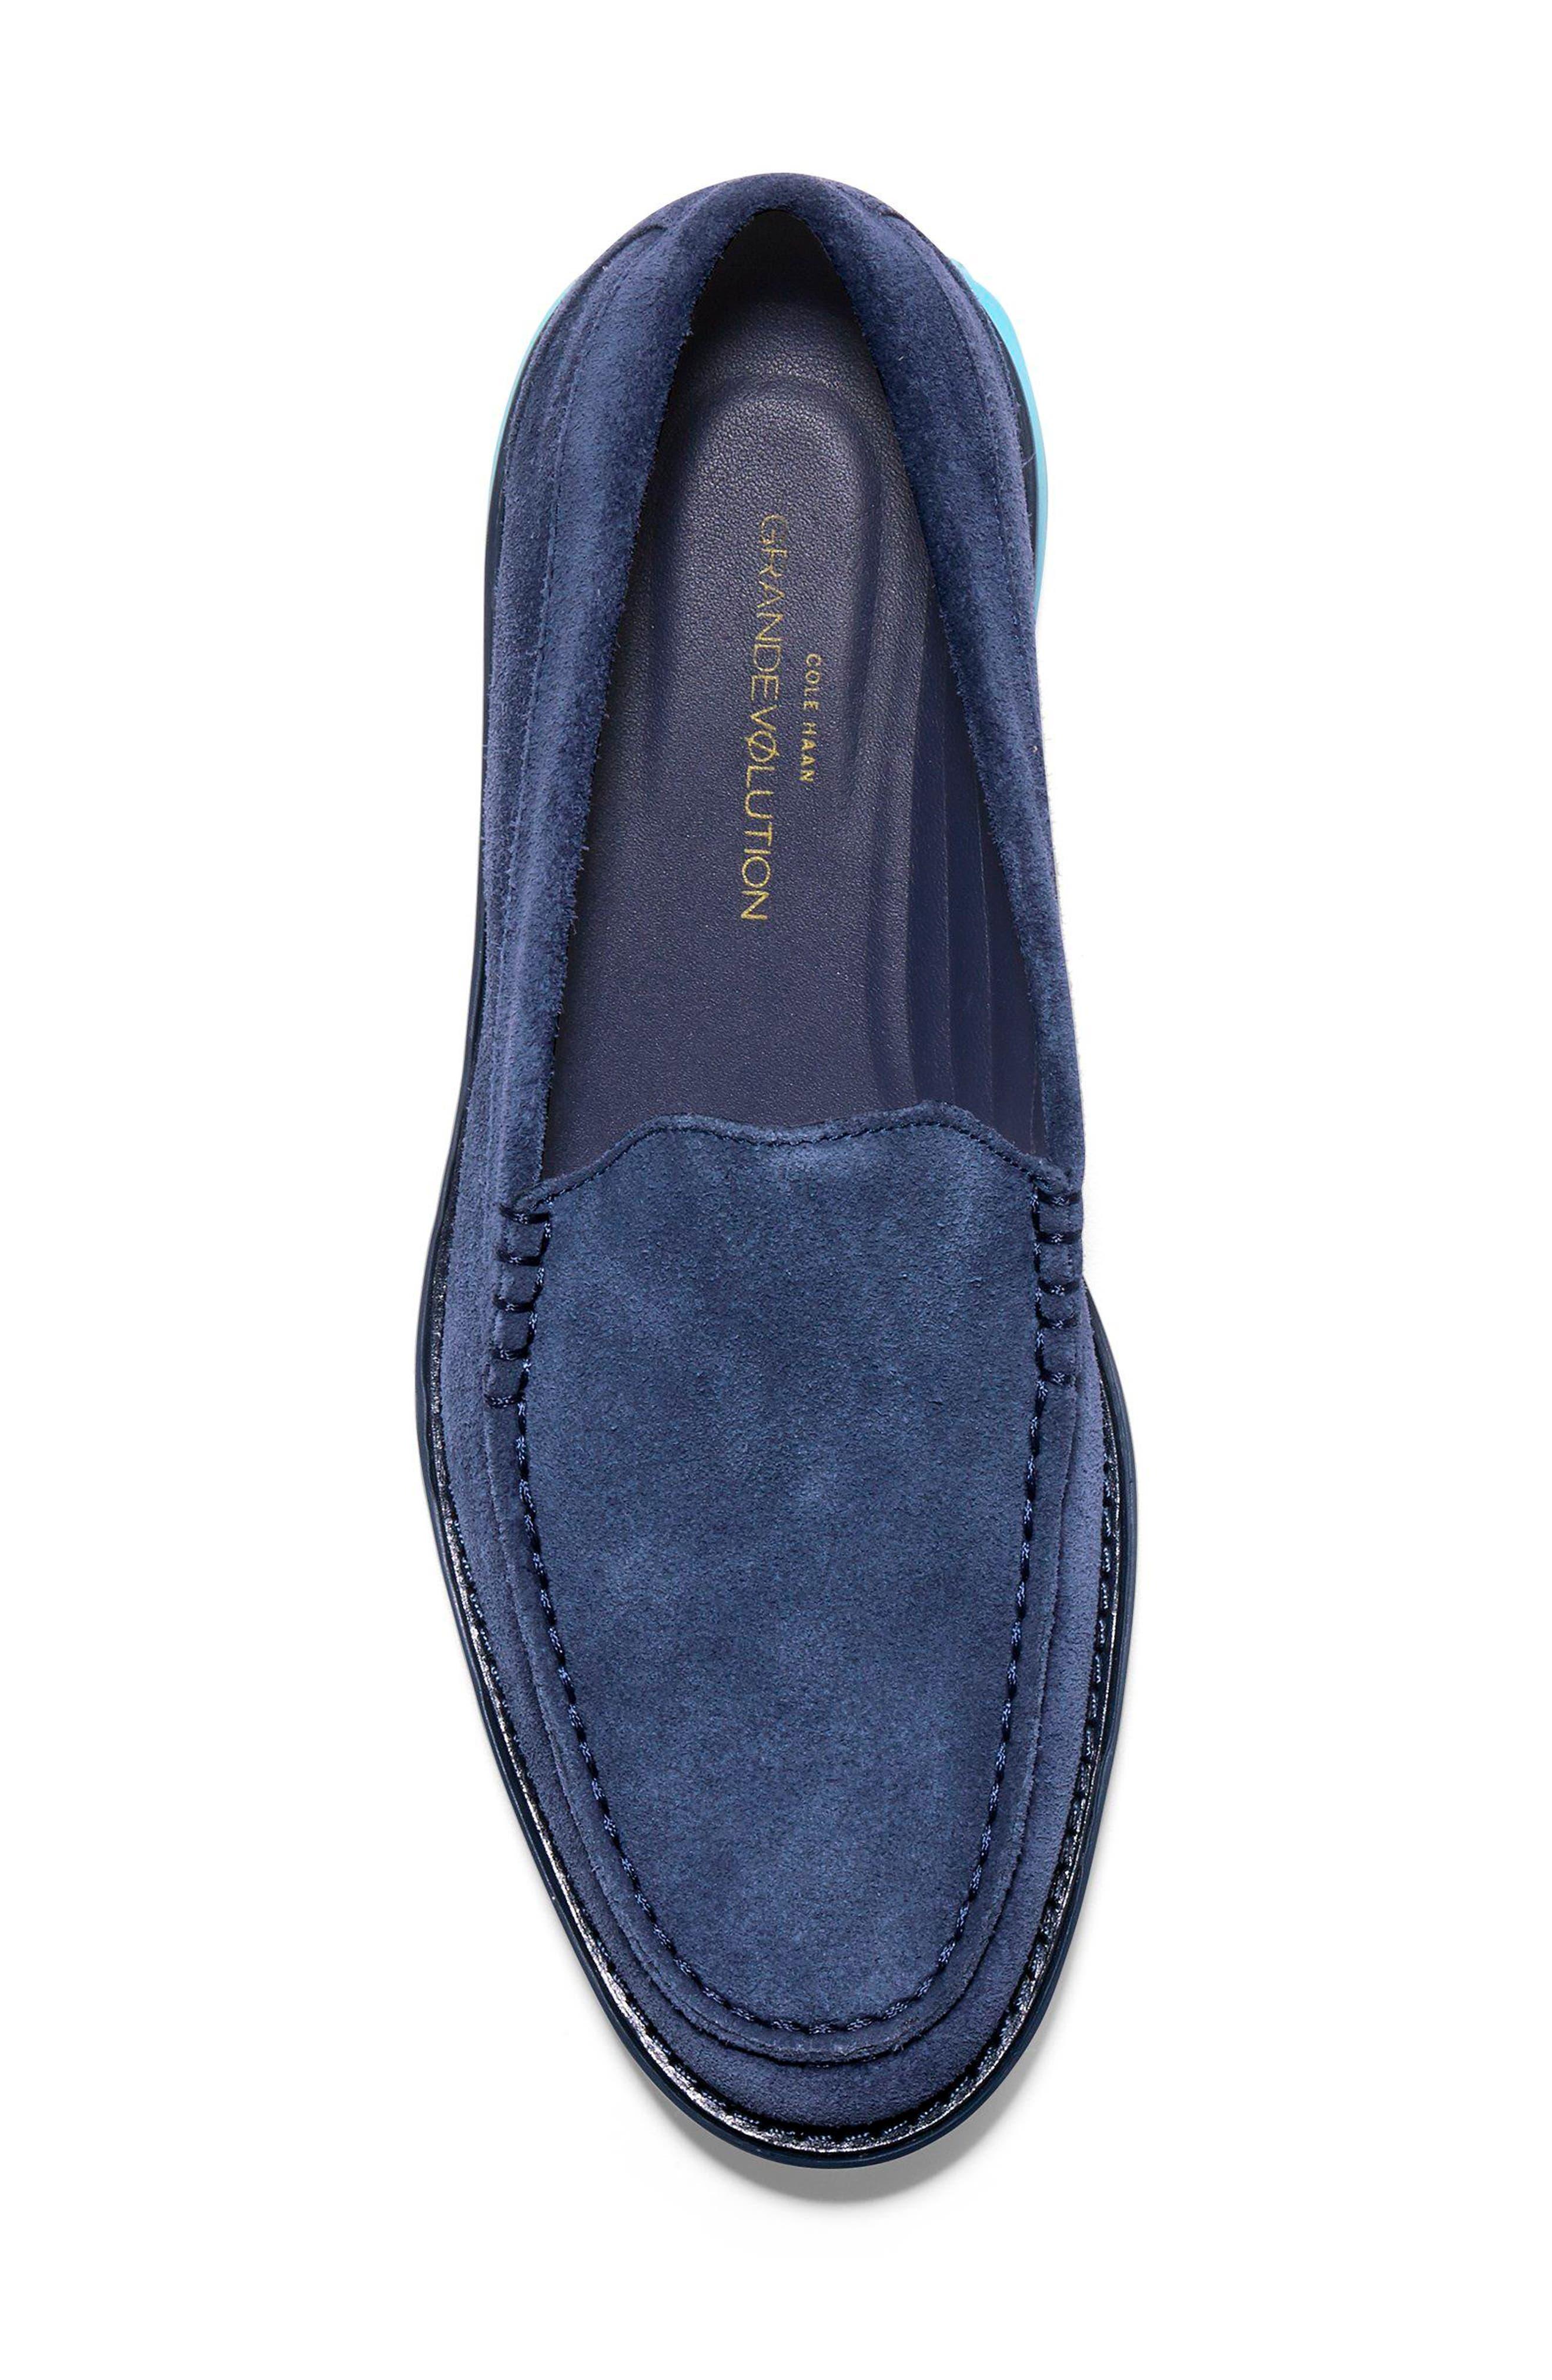 GrandEvølution Venetian Loafer,                             Alternate thumbnail 5, color,                             Marine Blue Suede